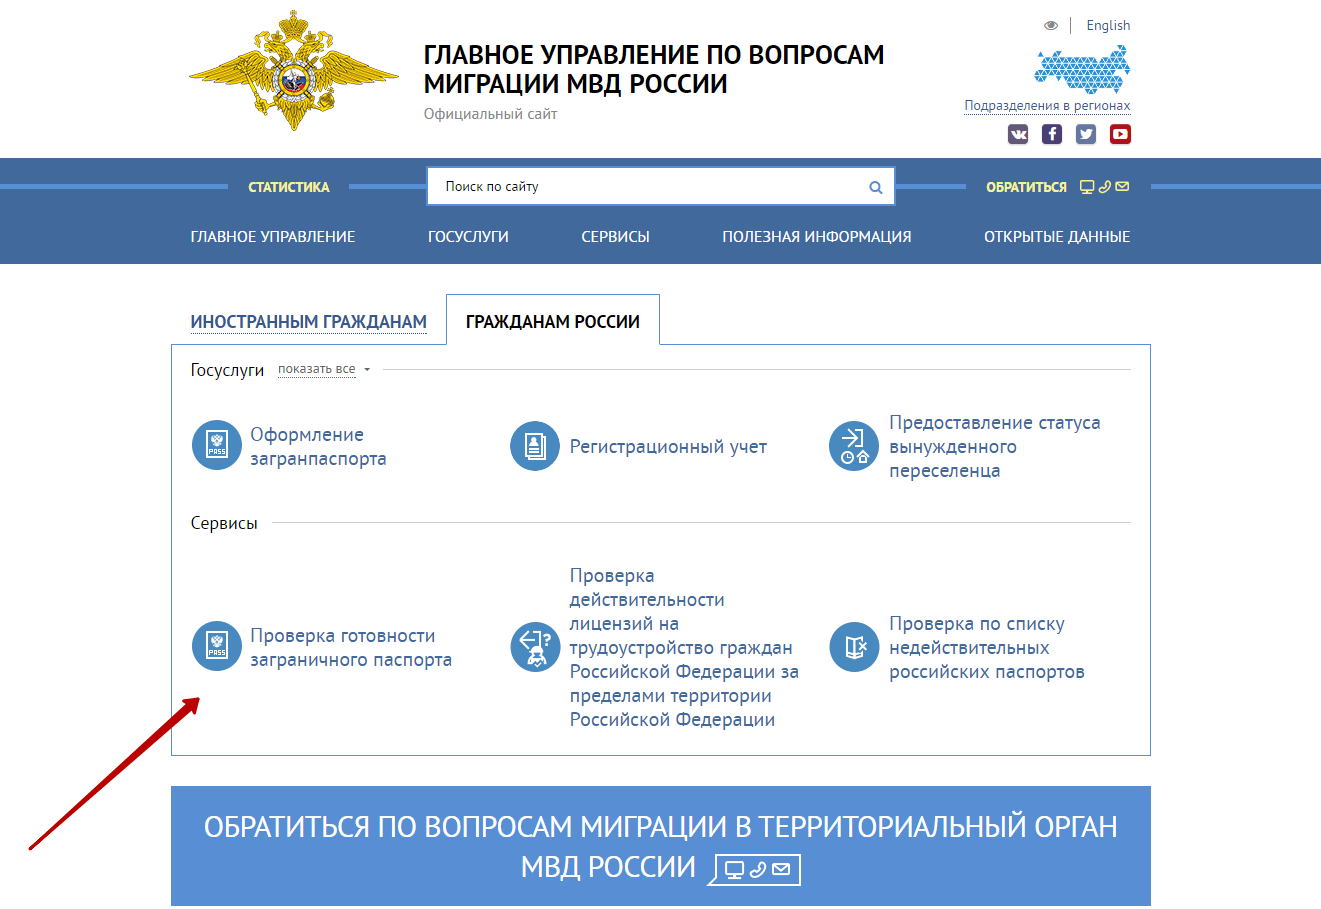 Узнать готовность паспорта рф москва онлайн объявил